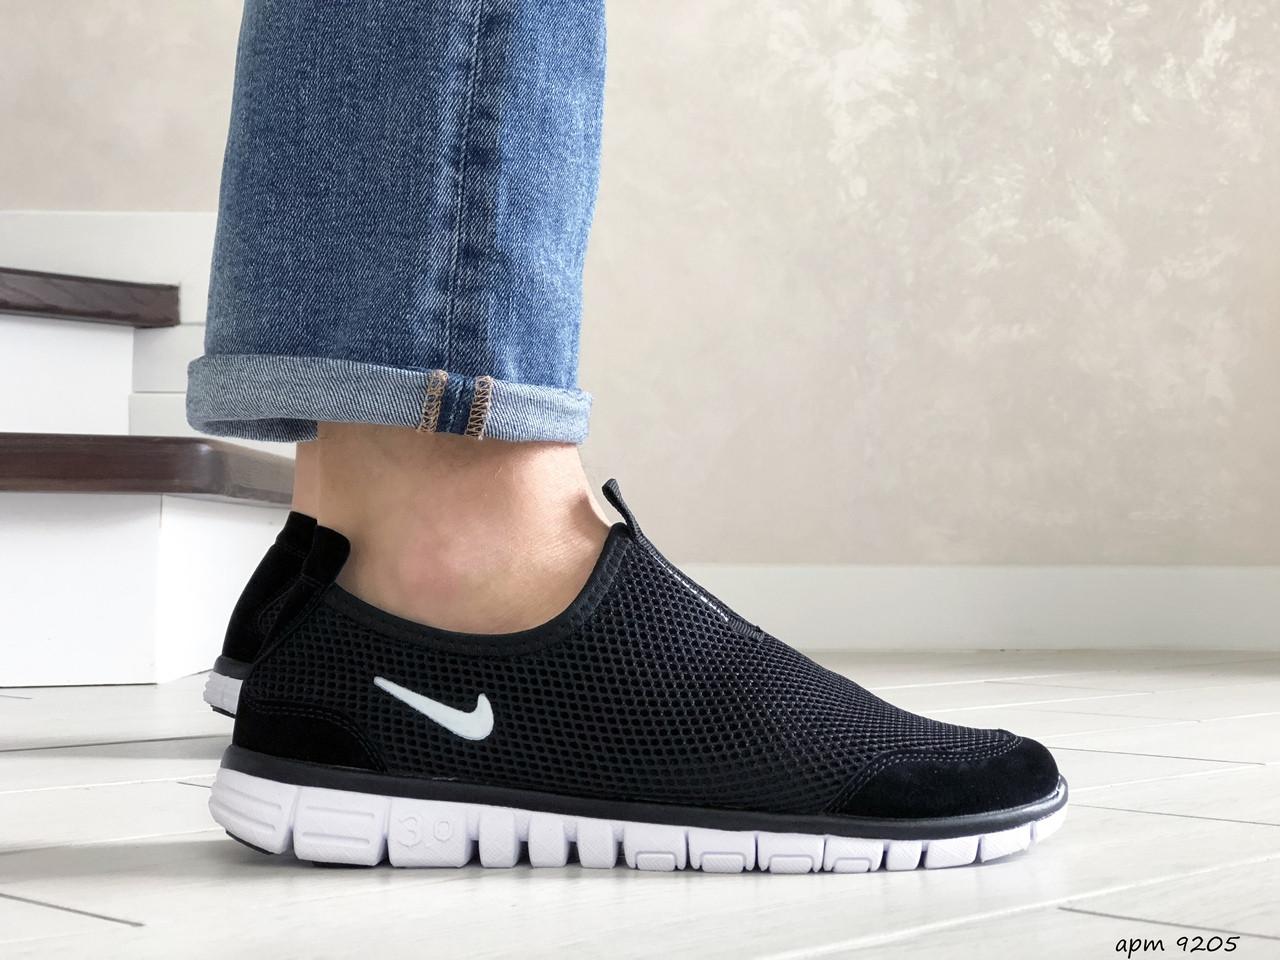 Літні кросівки Nike Free Run 3.0,сітка,чорно білі